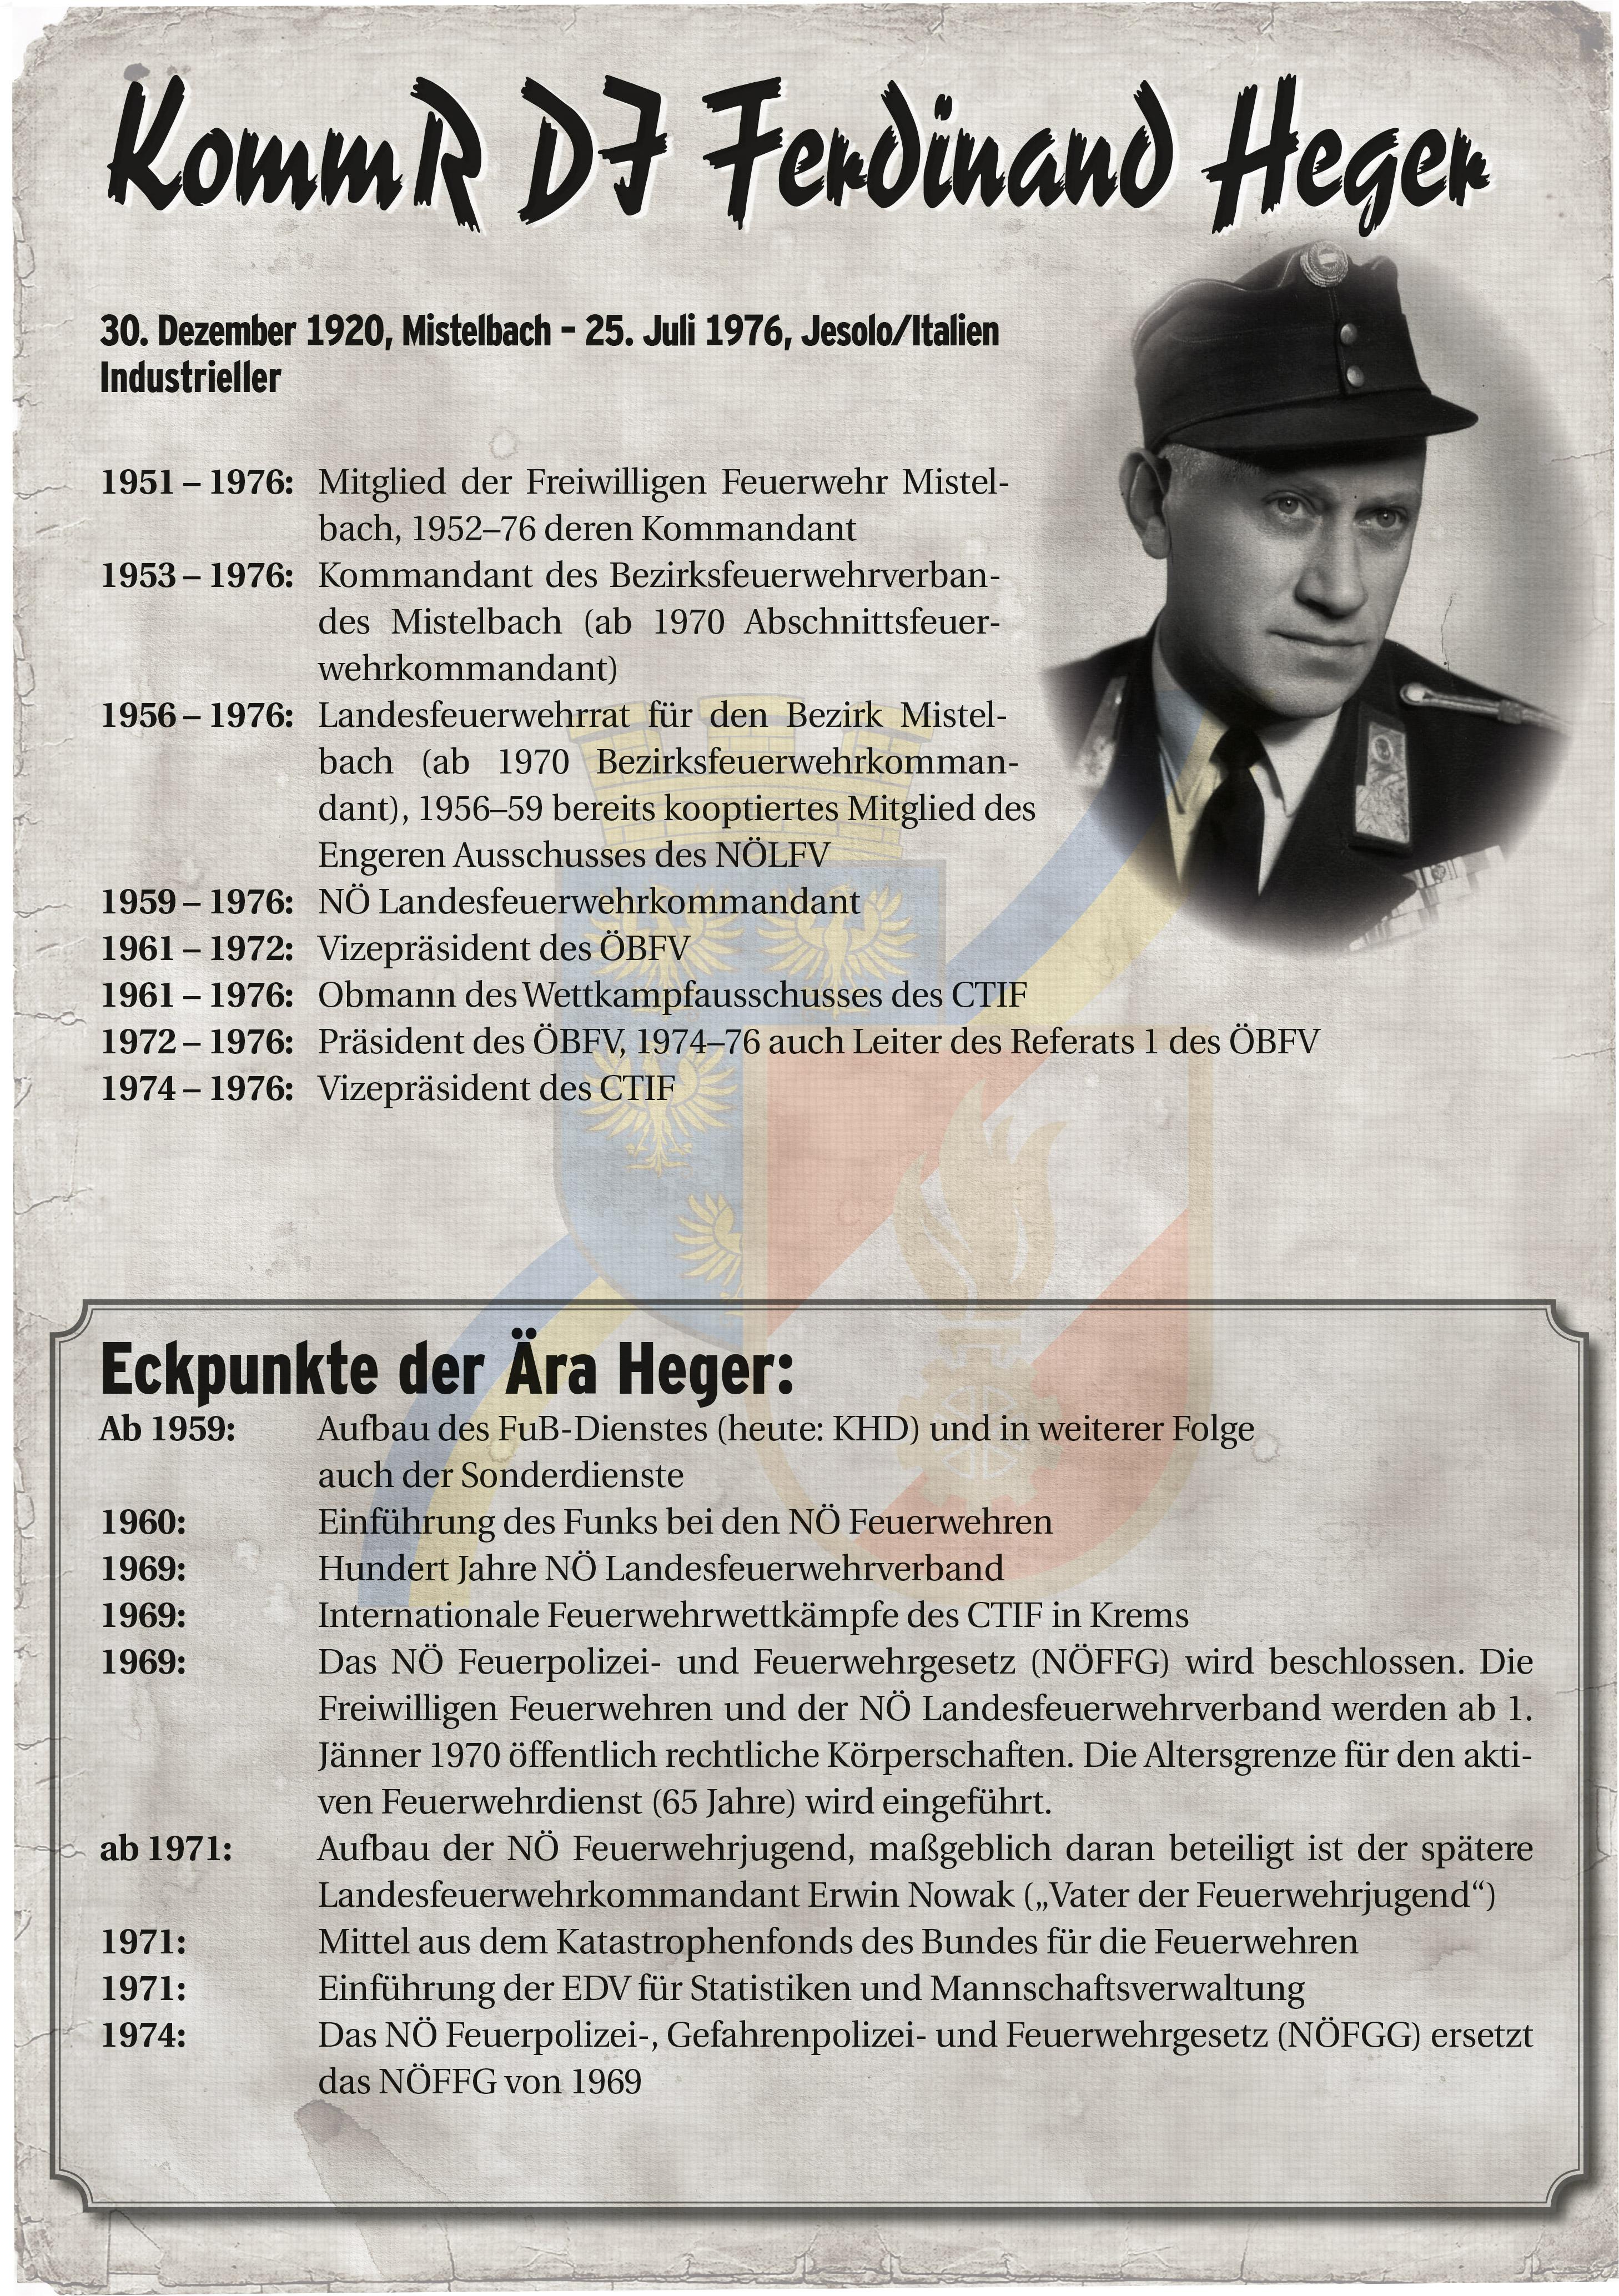 Infoblatt zur Zeit von Ferdinand Heger